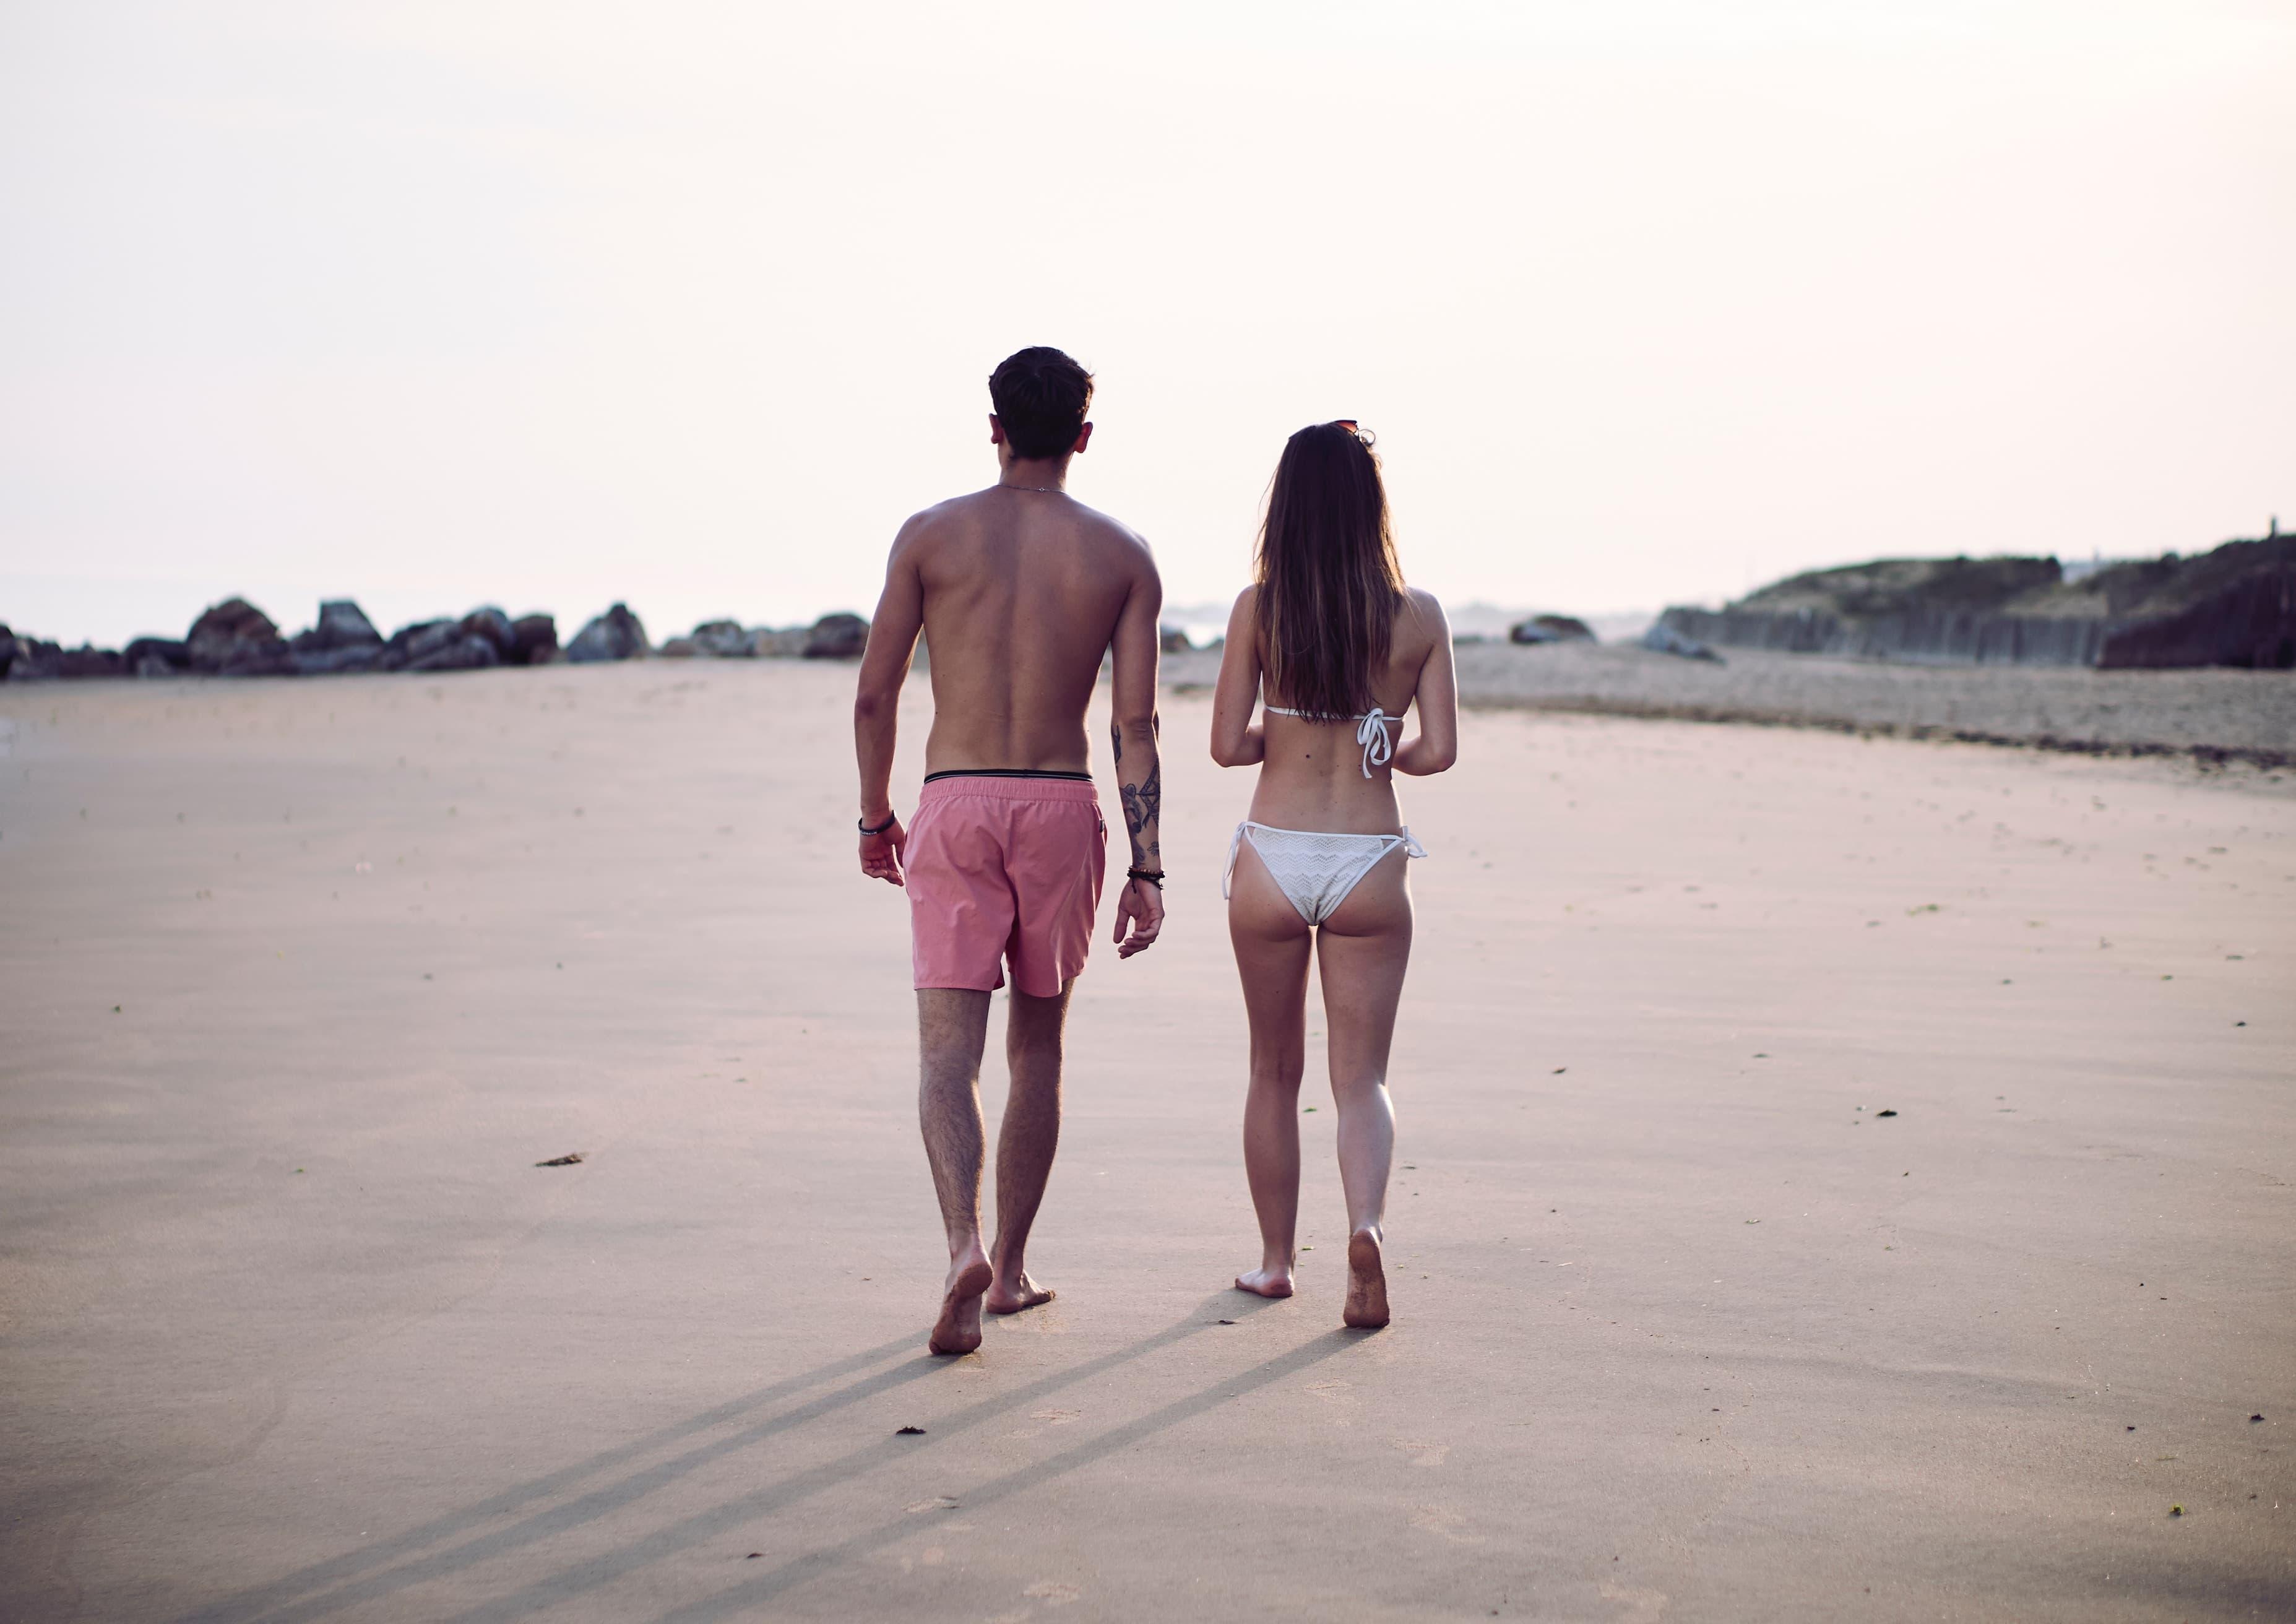 水着でビーチを歩く男女カップルの画像